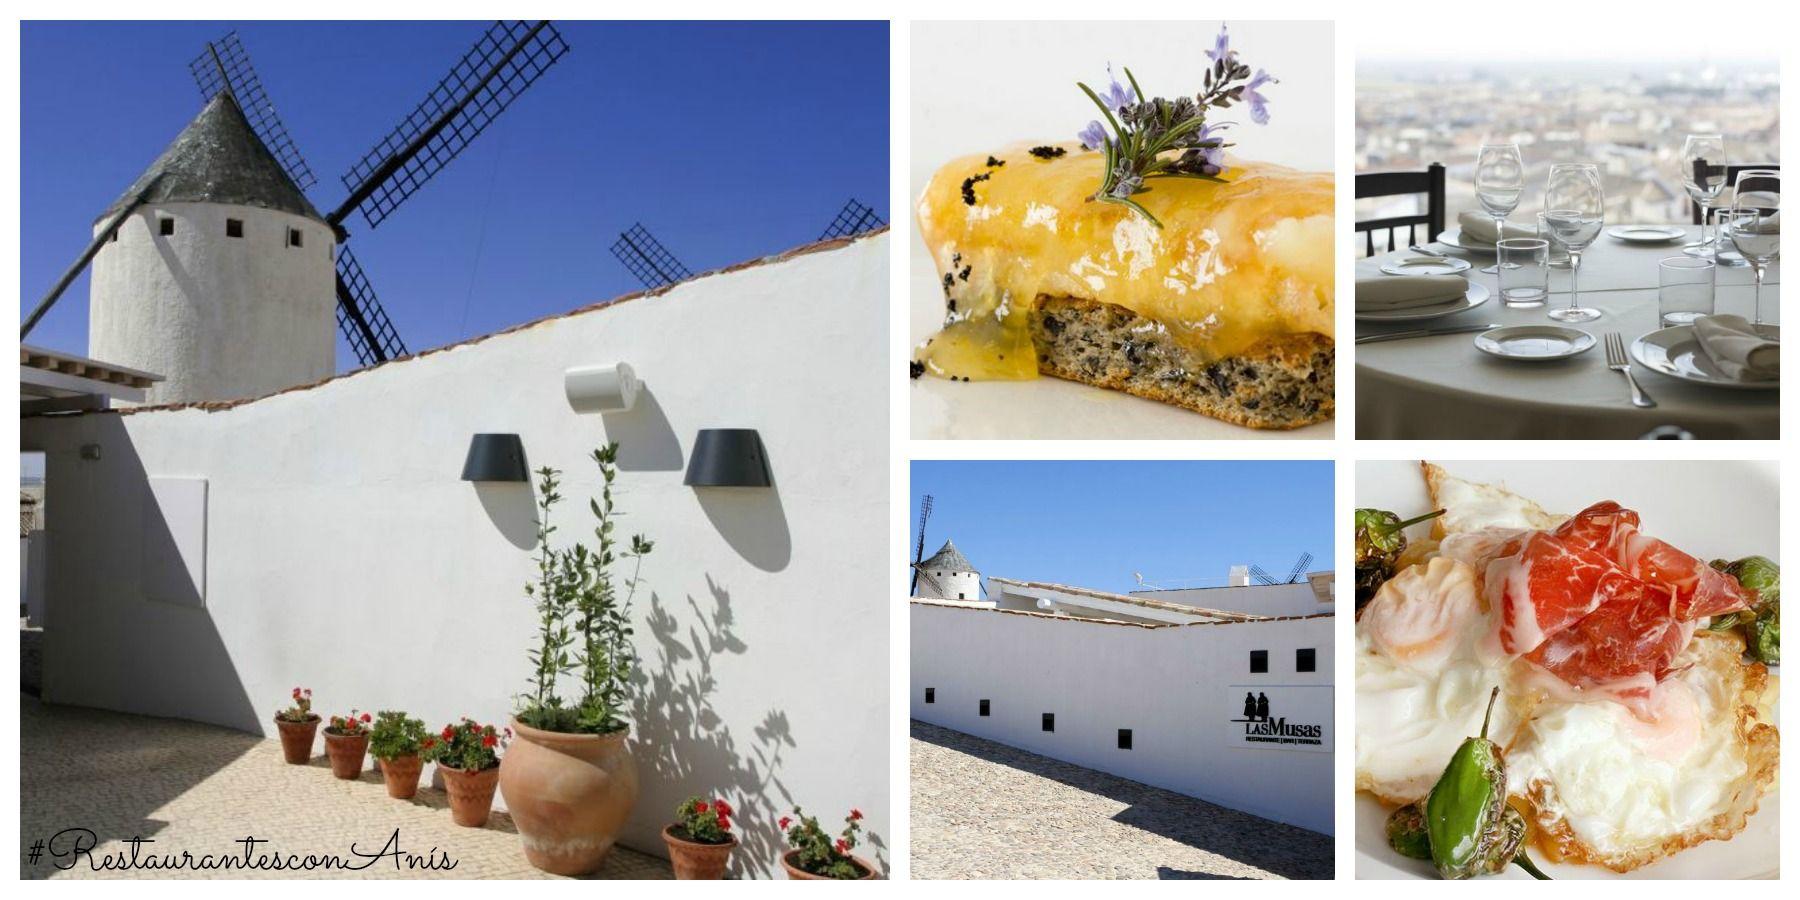 En el #RestaurantesconAnís Las Musas en Campo de Criptana, Ciudad Real, podrás descubrir la auténtica cocina manchega. Tras degustar unas migas, un buen pisto y unos huevos con puntilla, ¿empezamos la sobremesa con un chupito digestivo de #AnísdelMono?